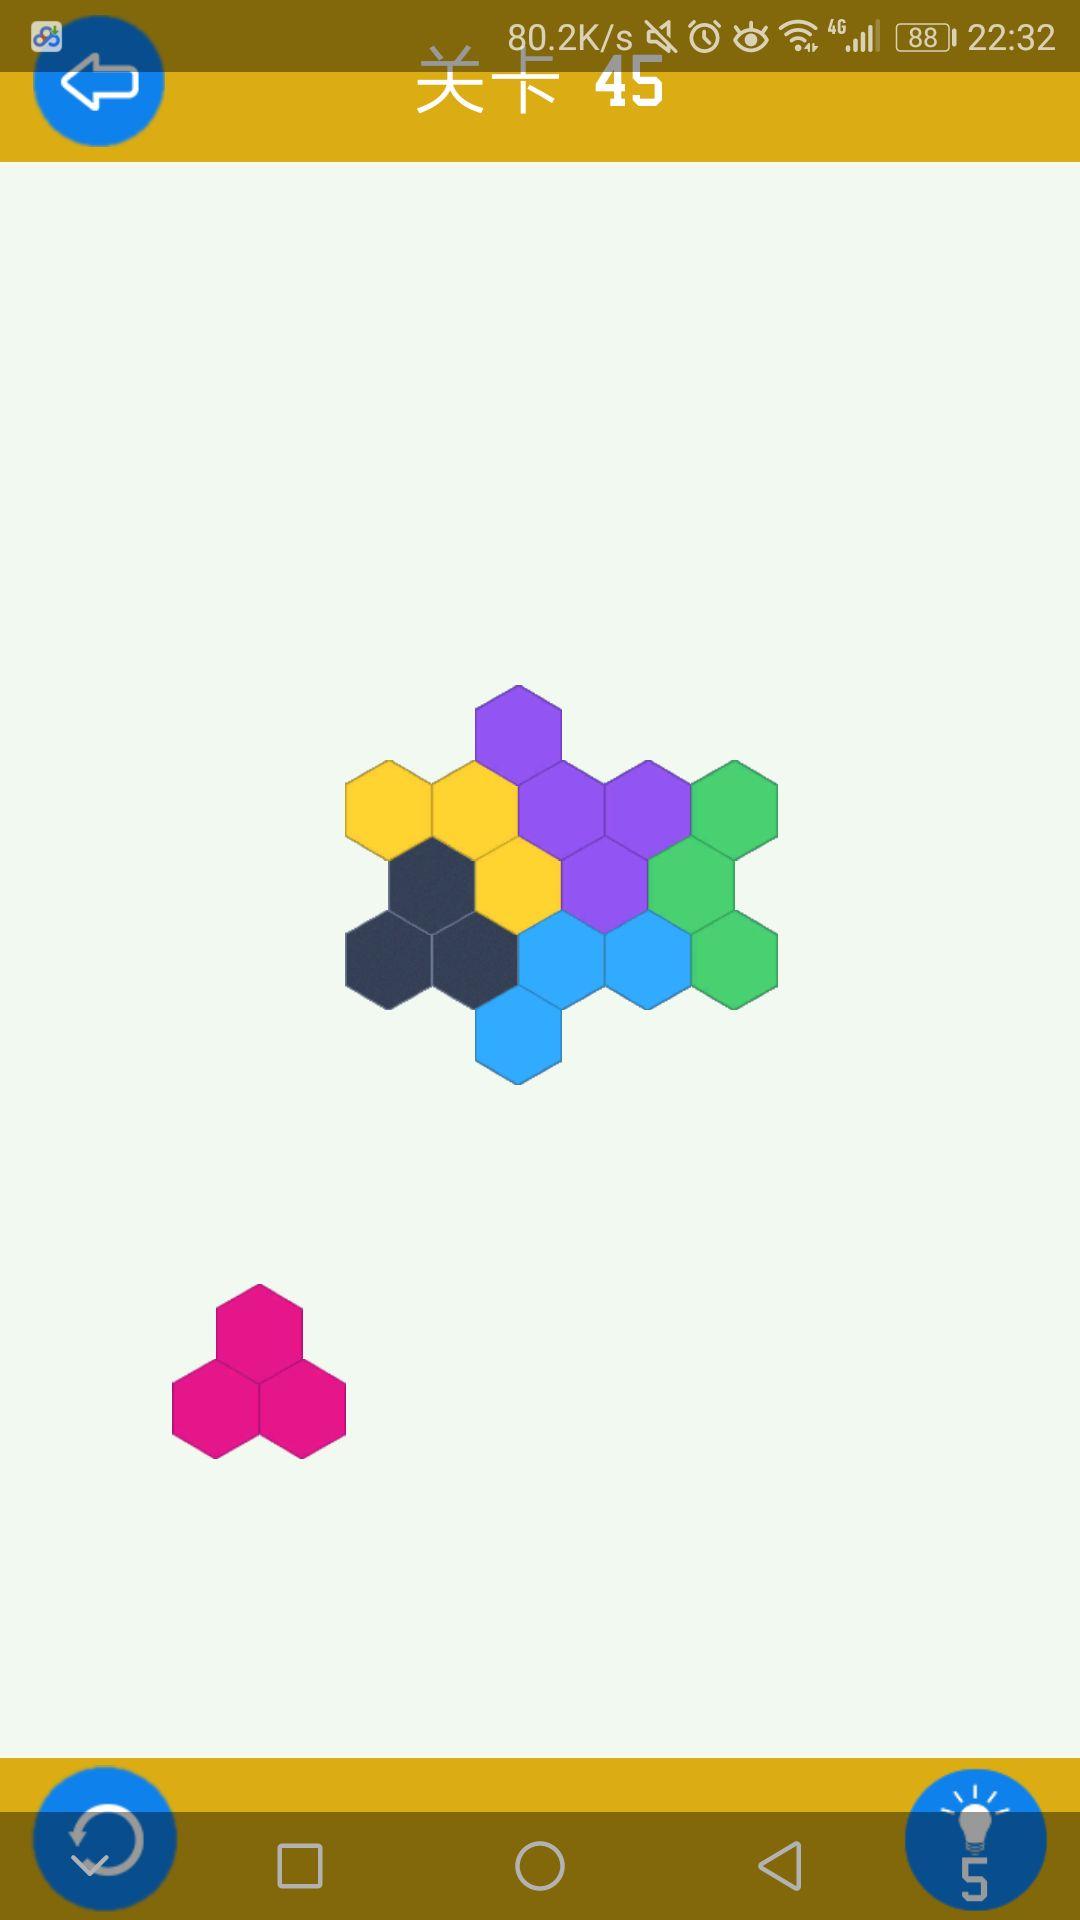 六边形拼图简单第45关通关攻略